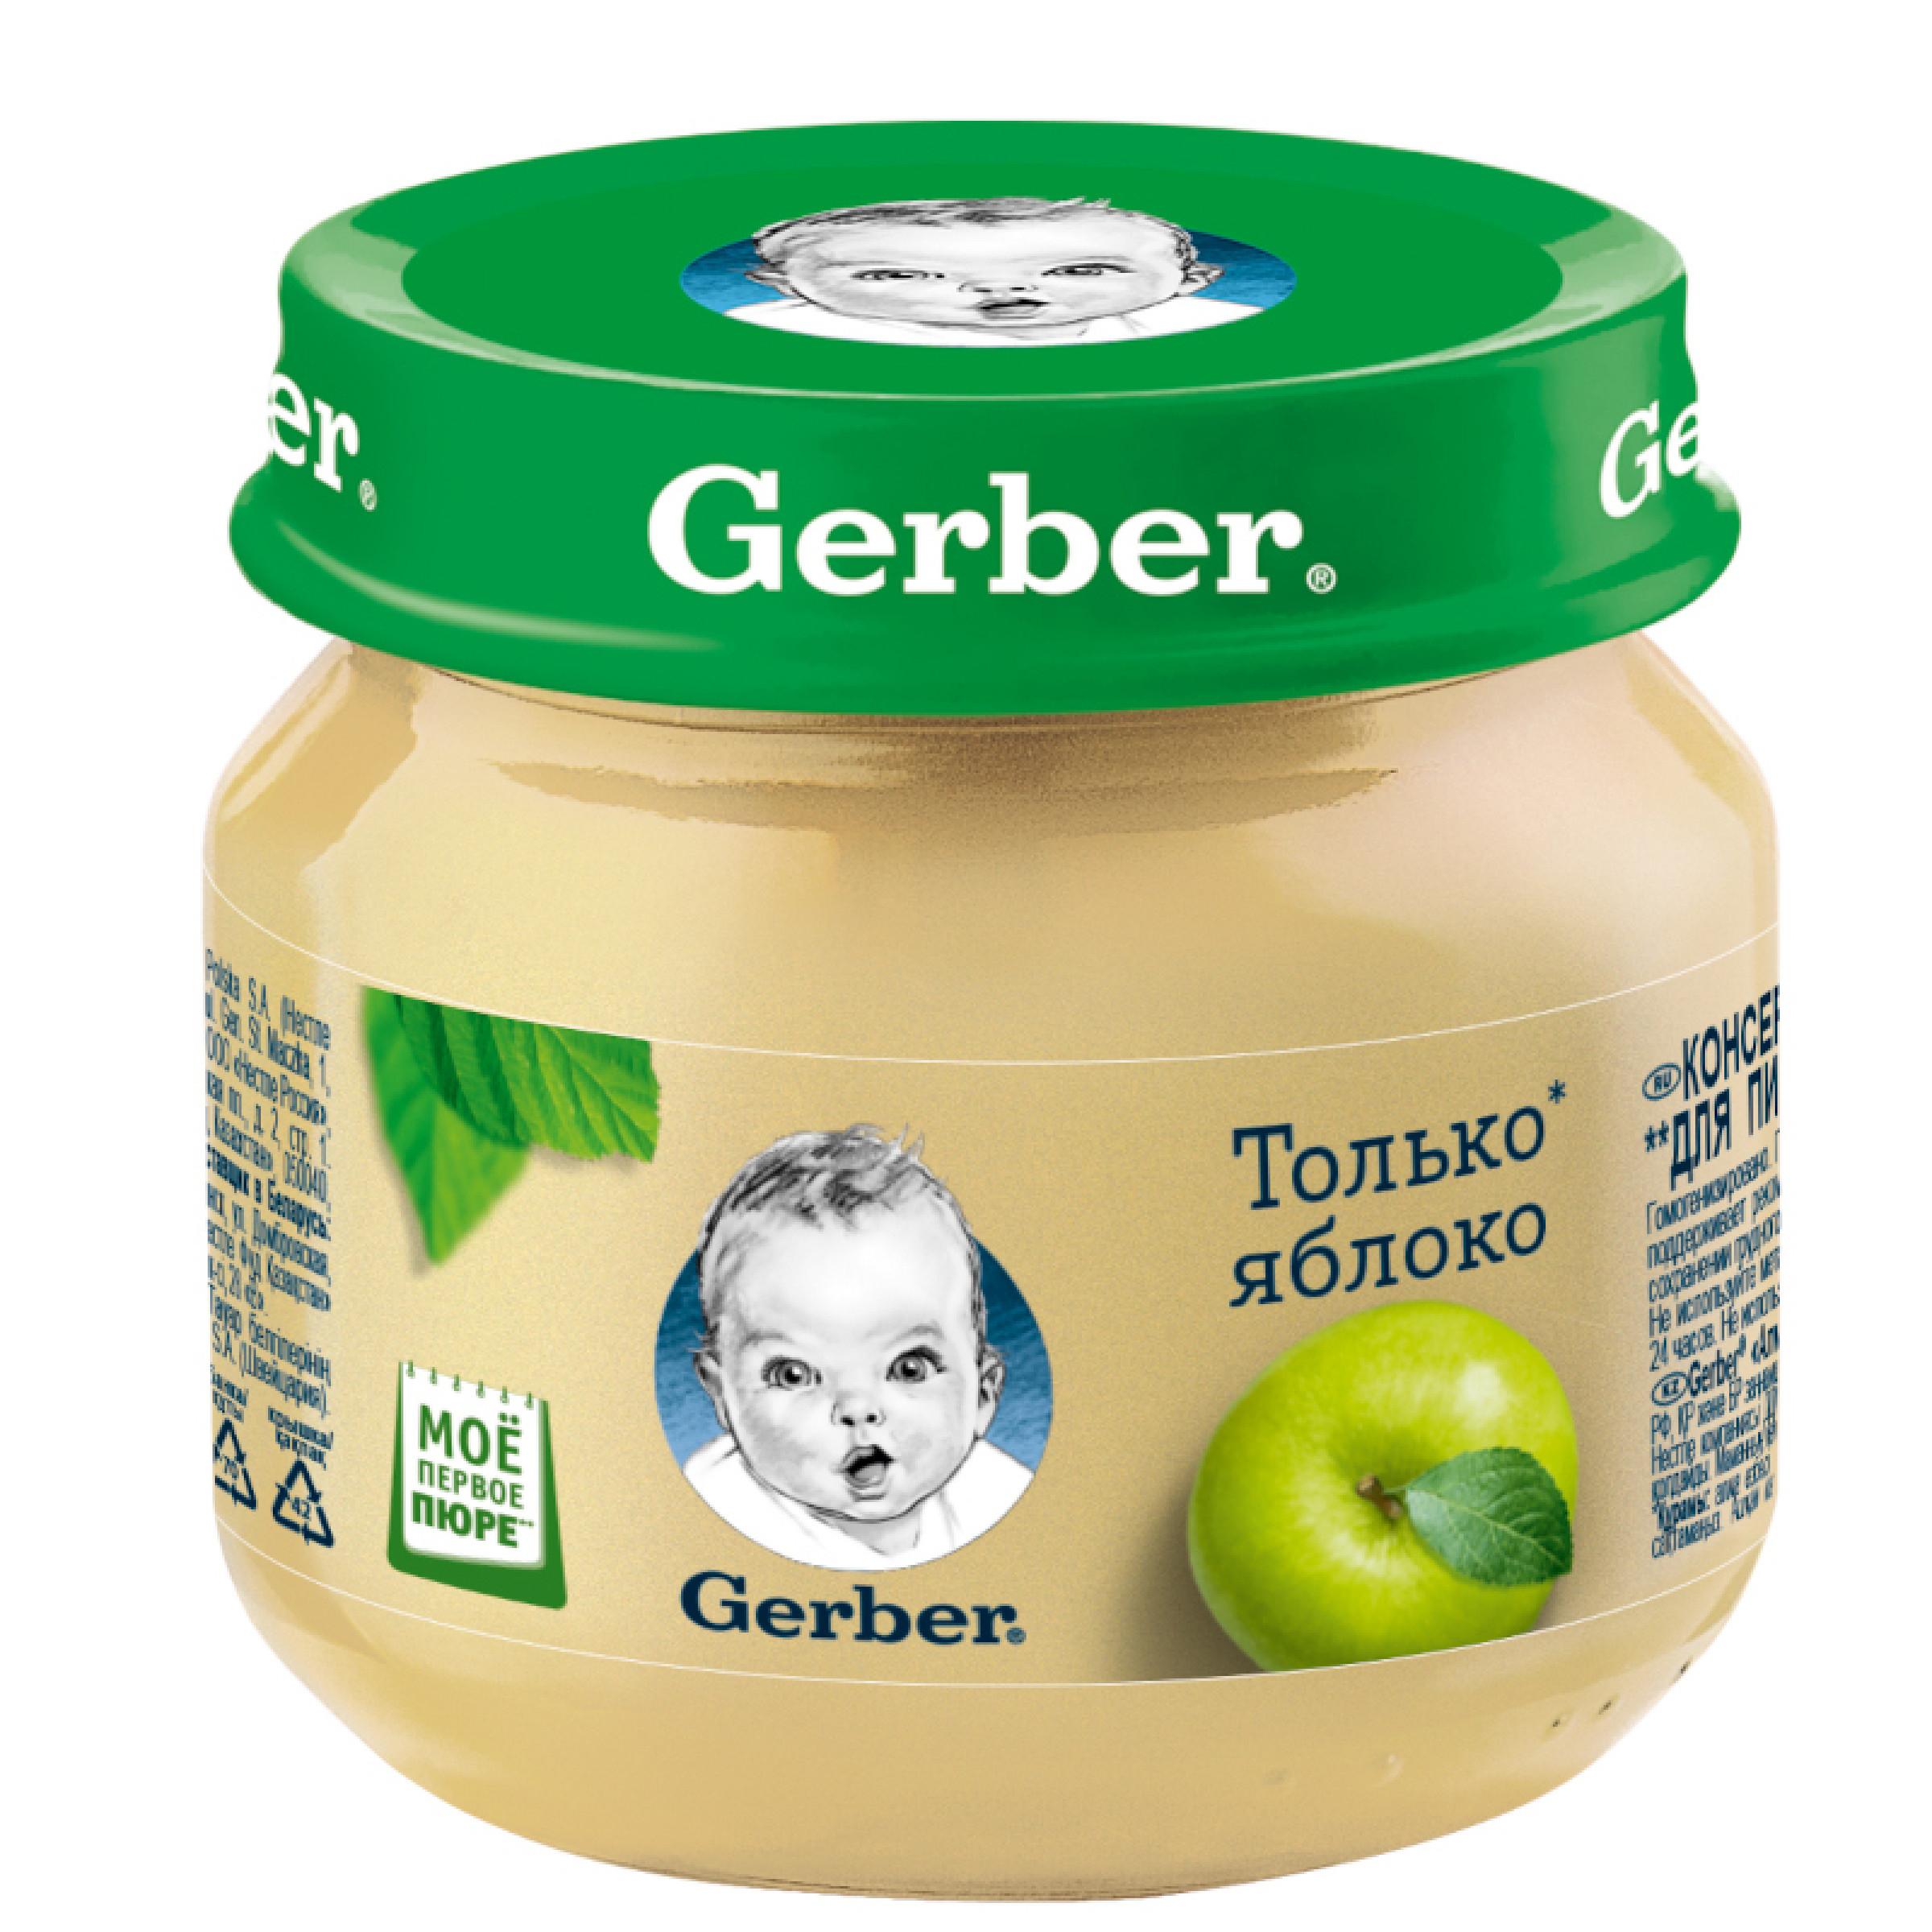 Пюре фруктовое Gerber яблоко 1 ступень, 80 гр